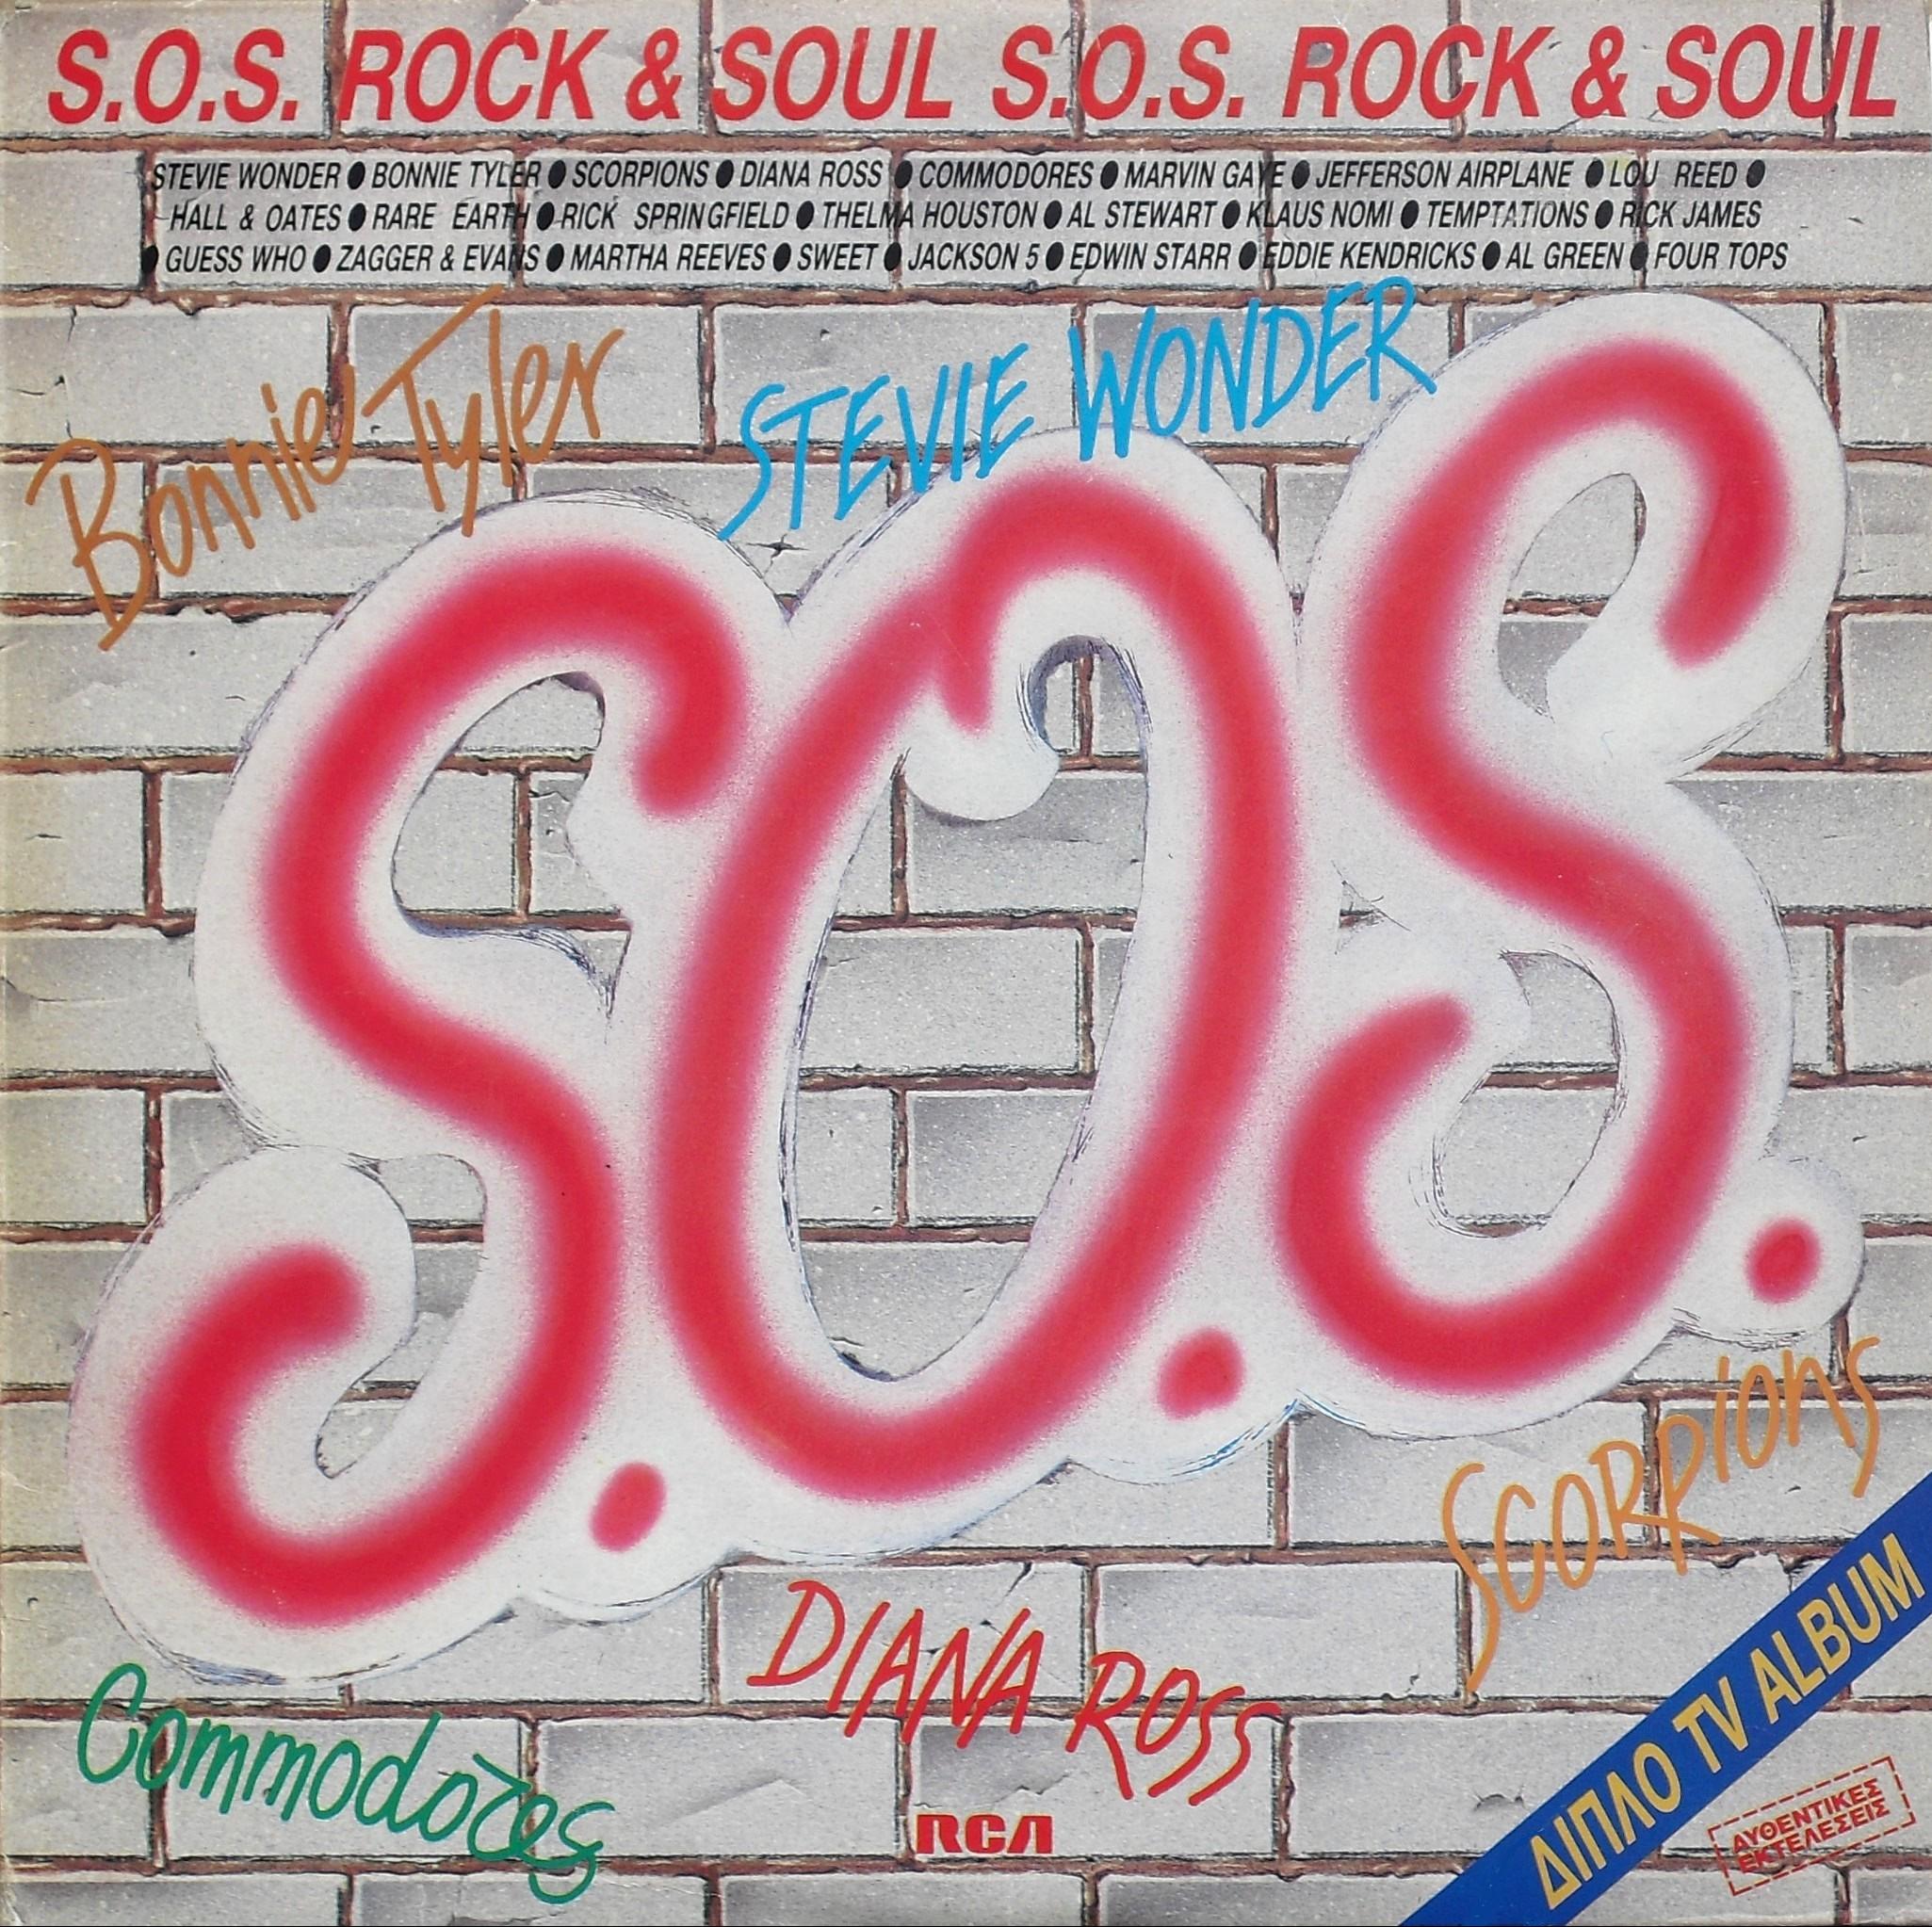 v.a. - S.O.S. ROCK & SOUL 01inzpt